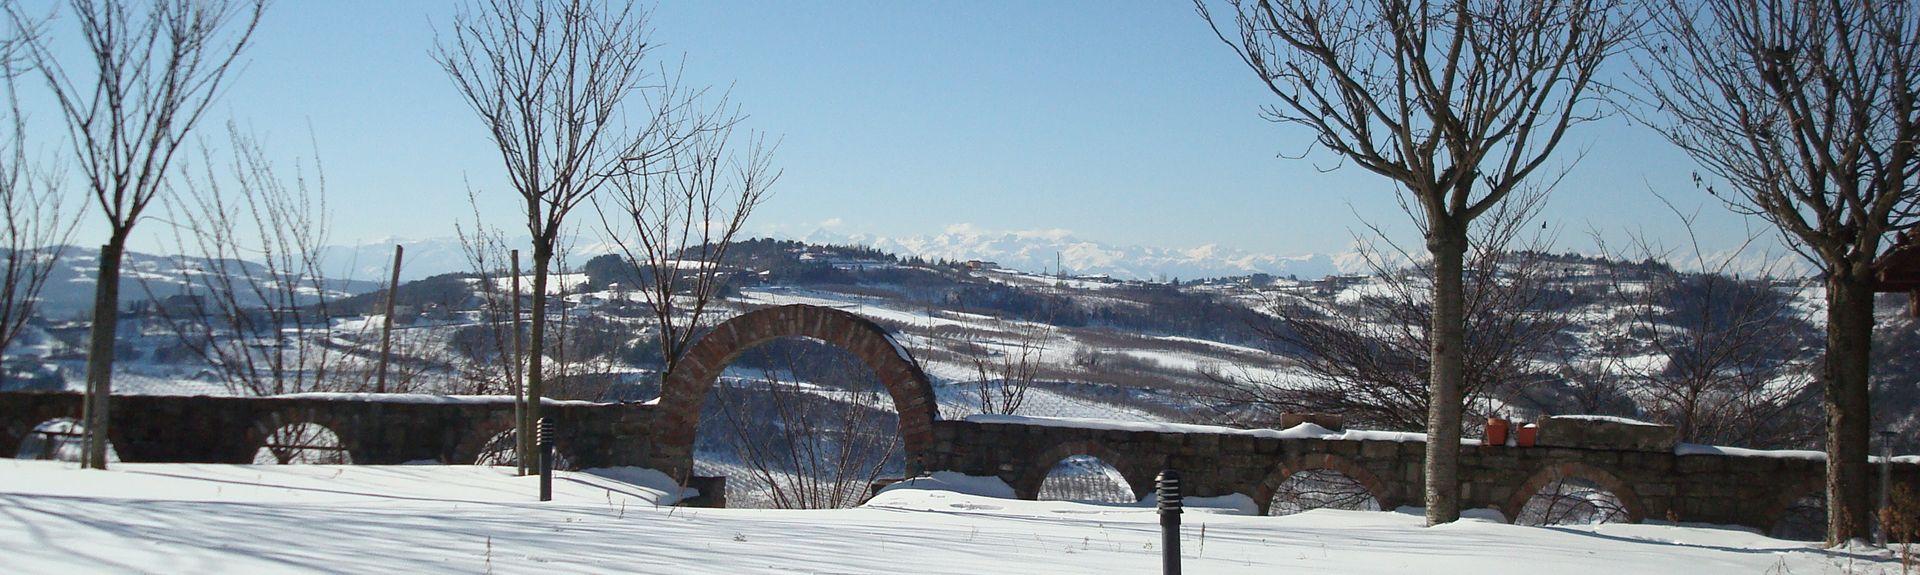 Roddi, Cuneo, Piedmont, Italy